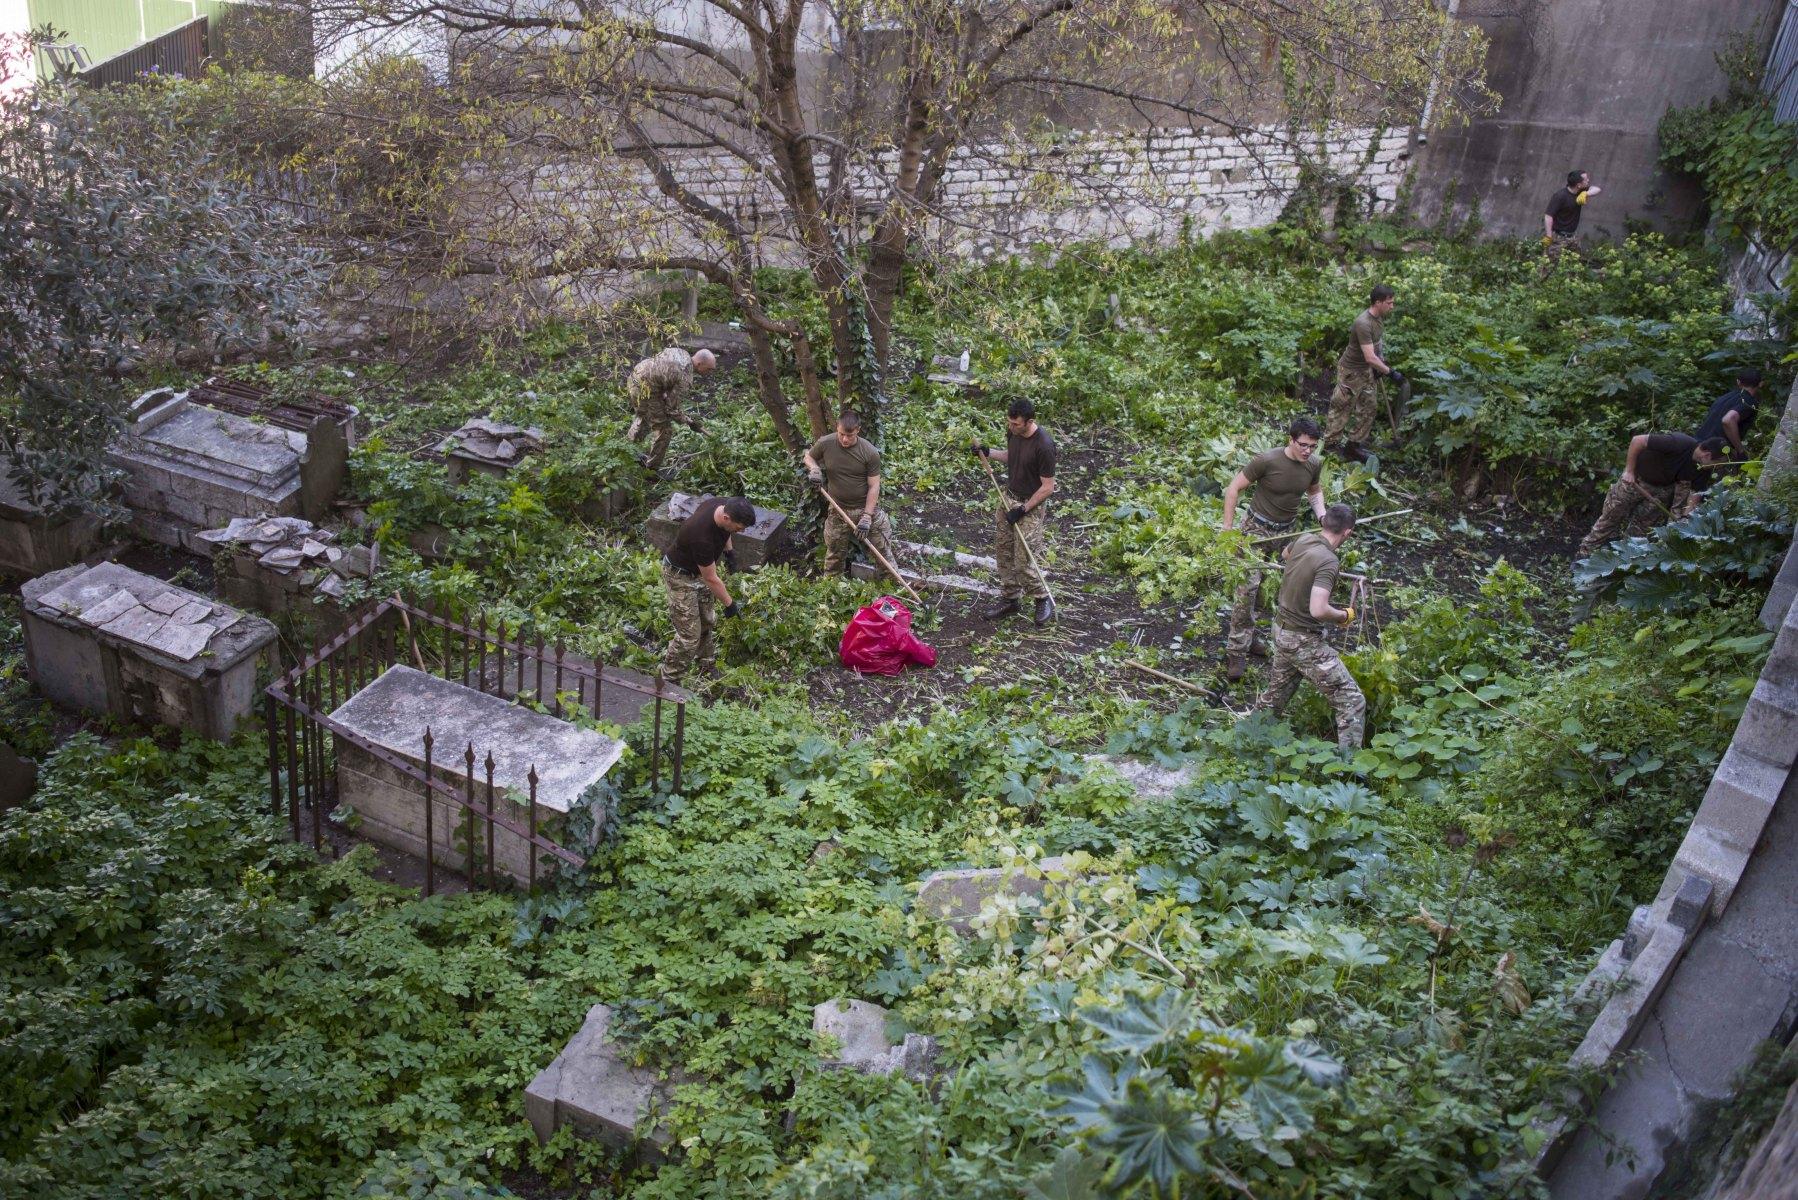 restauracin-cementerio-witham-27_25451433736_o